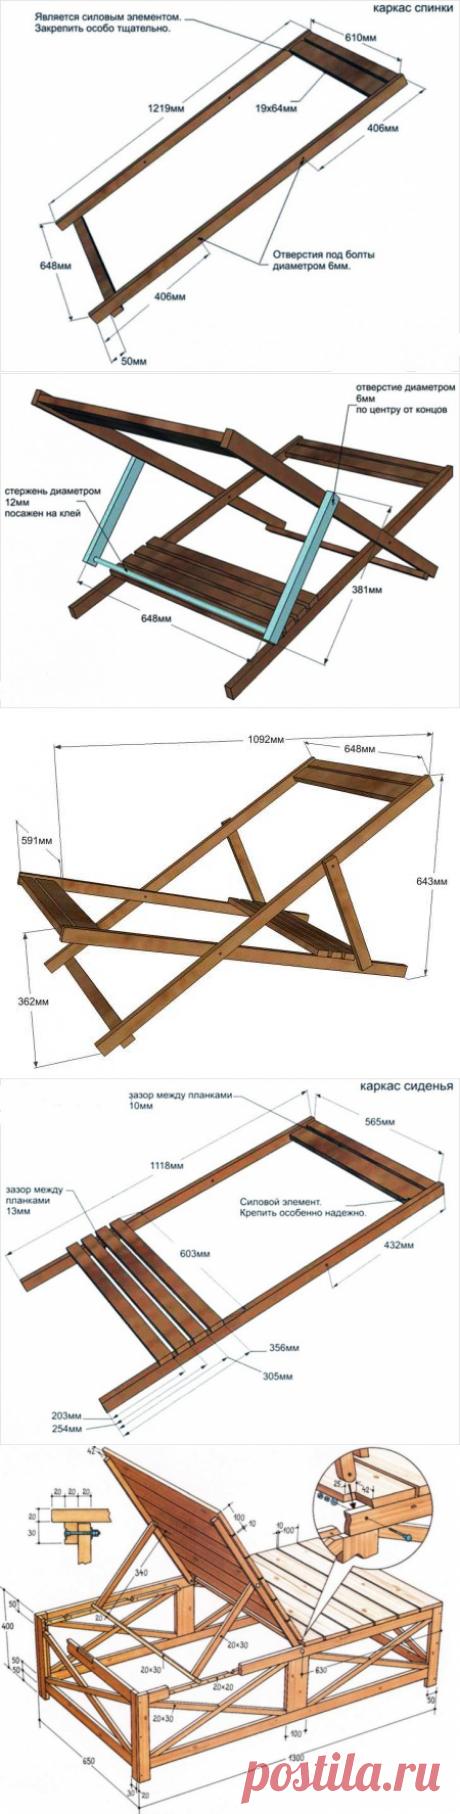 Шезлонги и лежаки для дачи своими руками - фото примеров